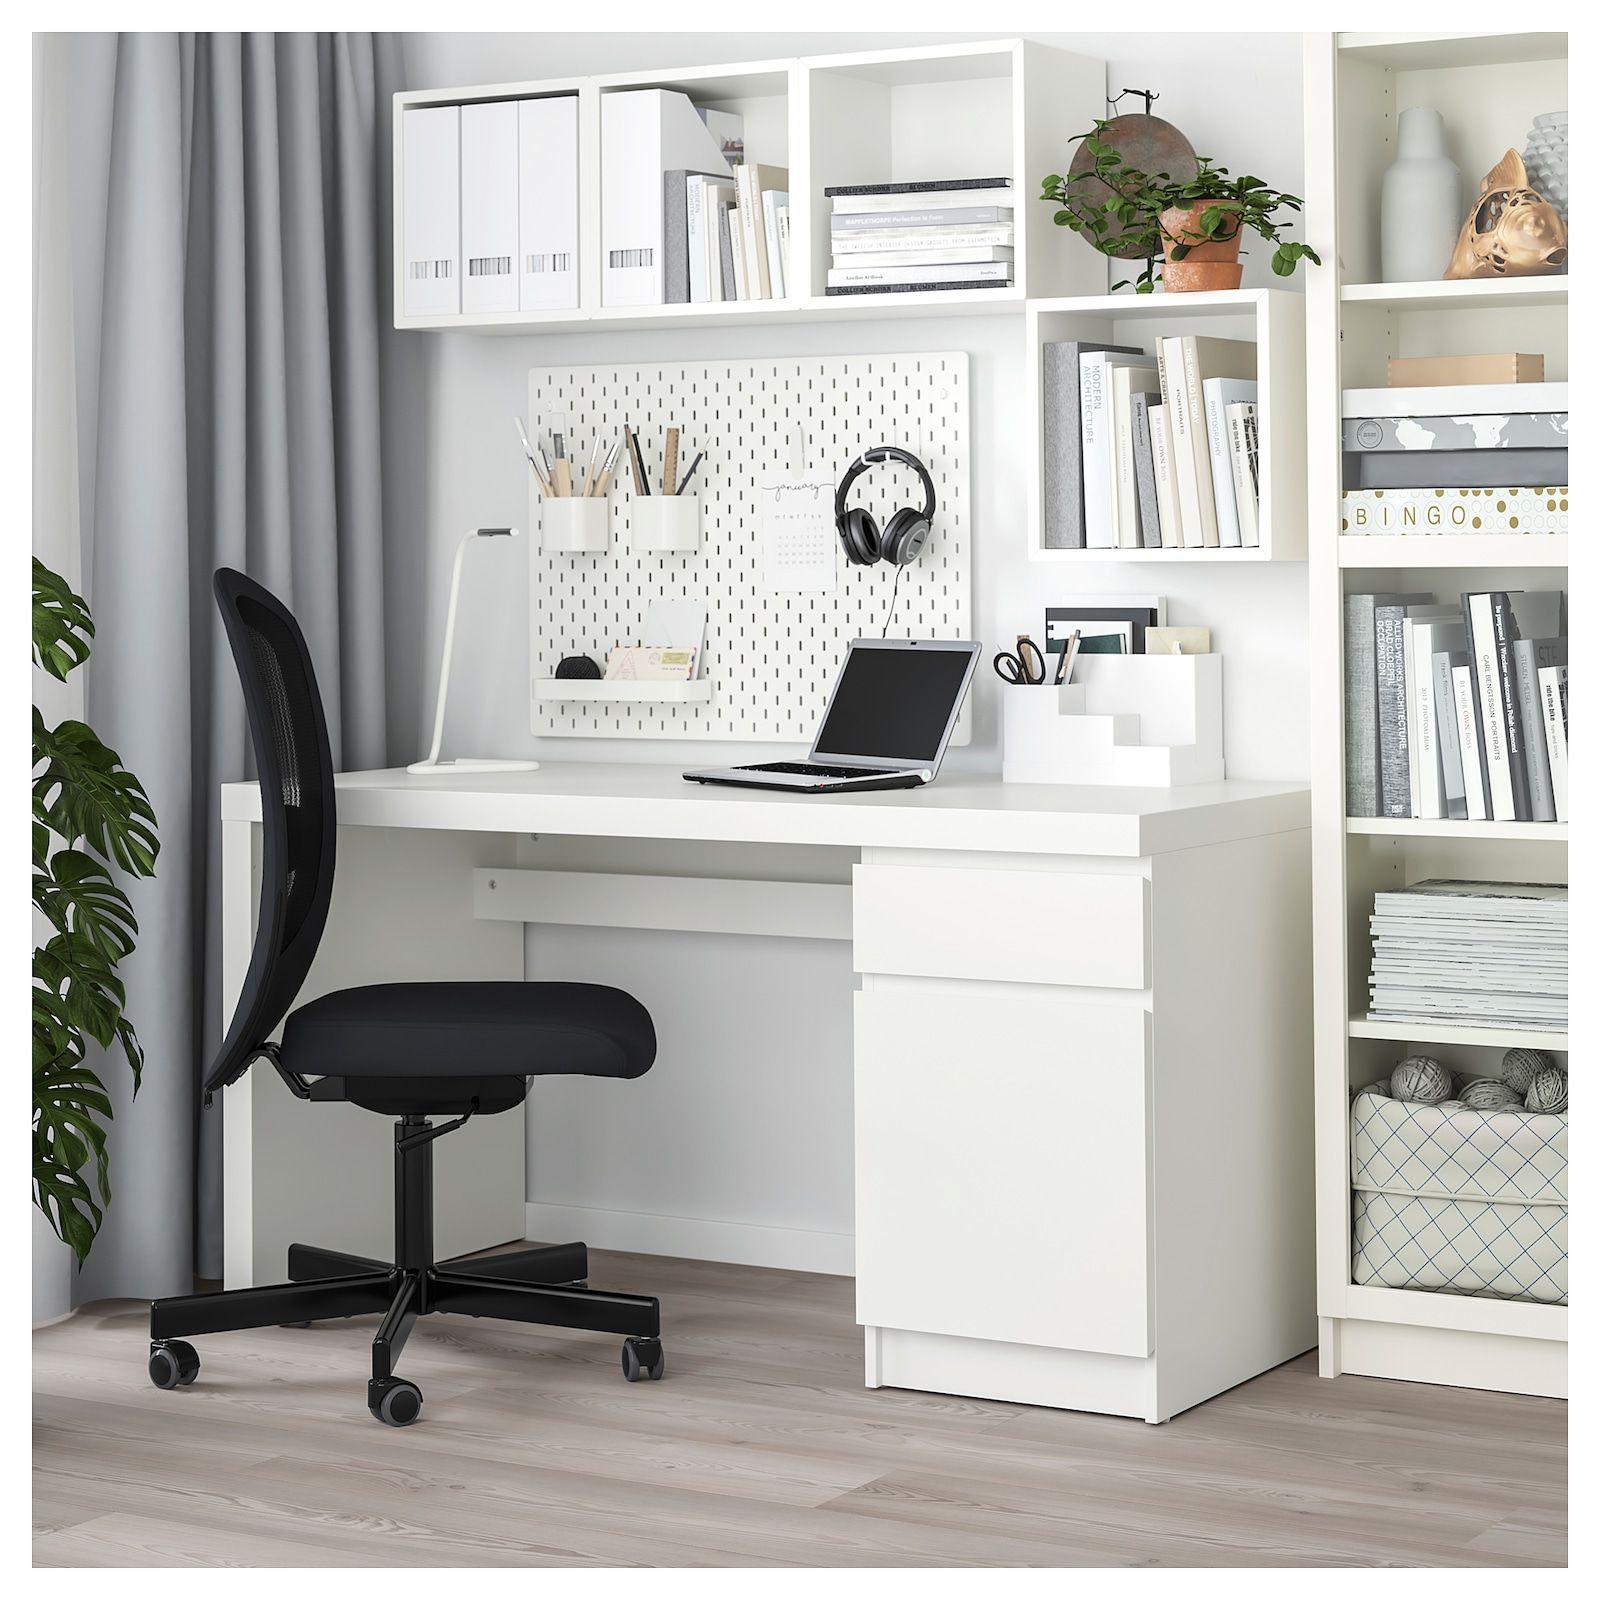 Malm Desk White 55 1 8x25 5 8 Ikea Ikea Malm Desk Home Office Design Home Office Decor